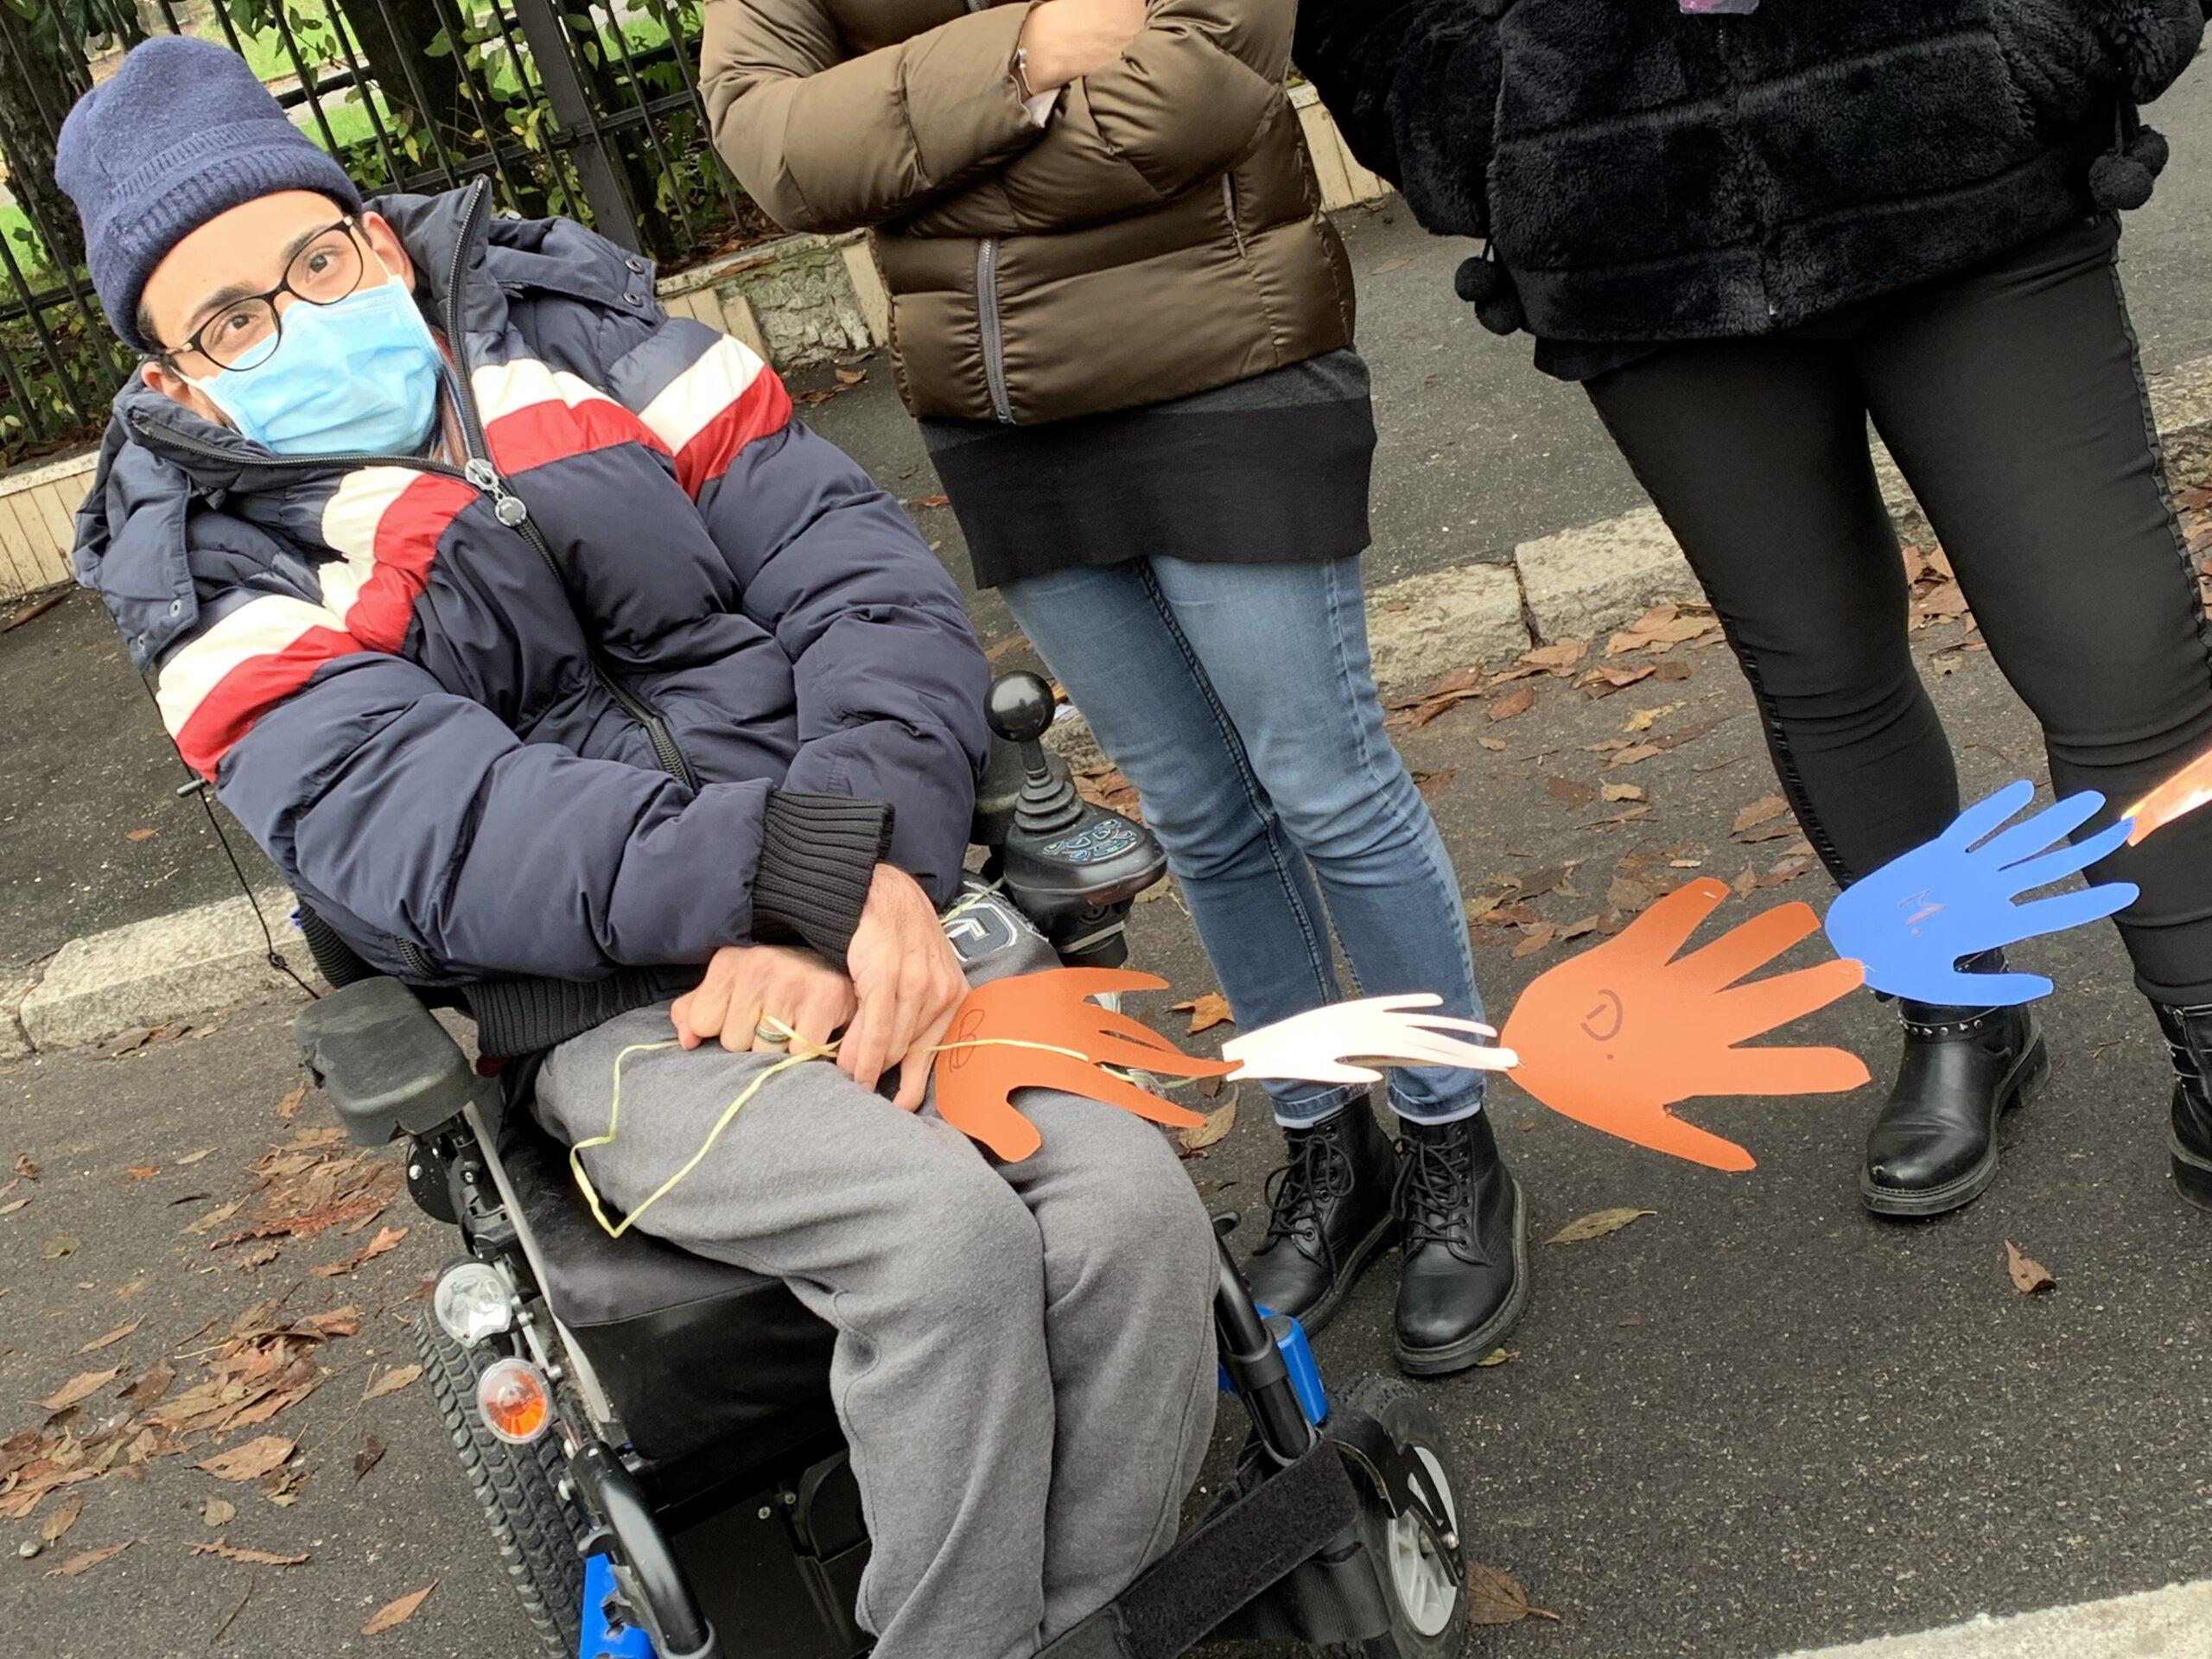 giornata della disabilità 2020